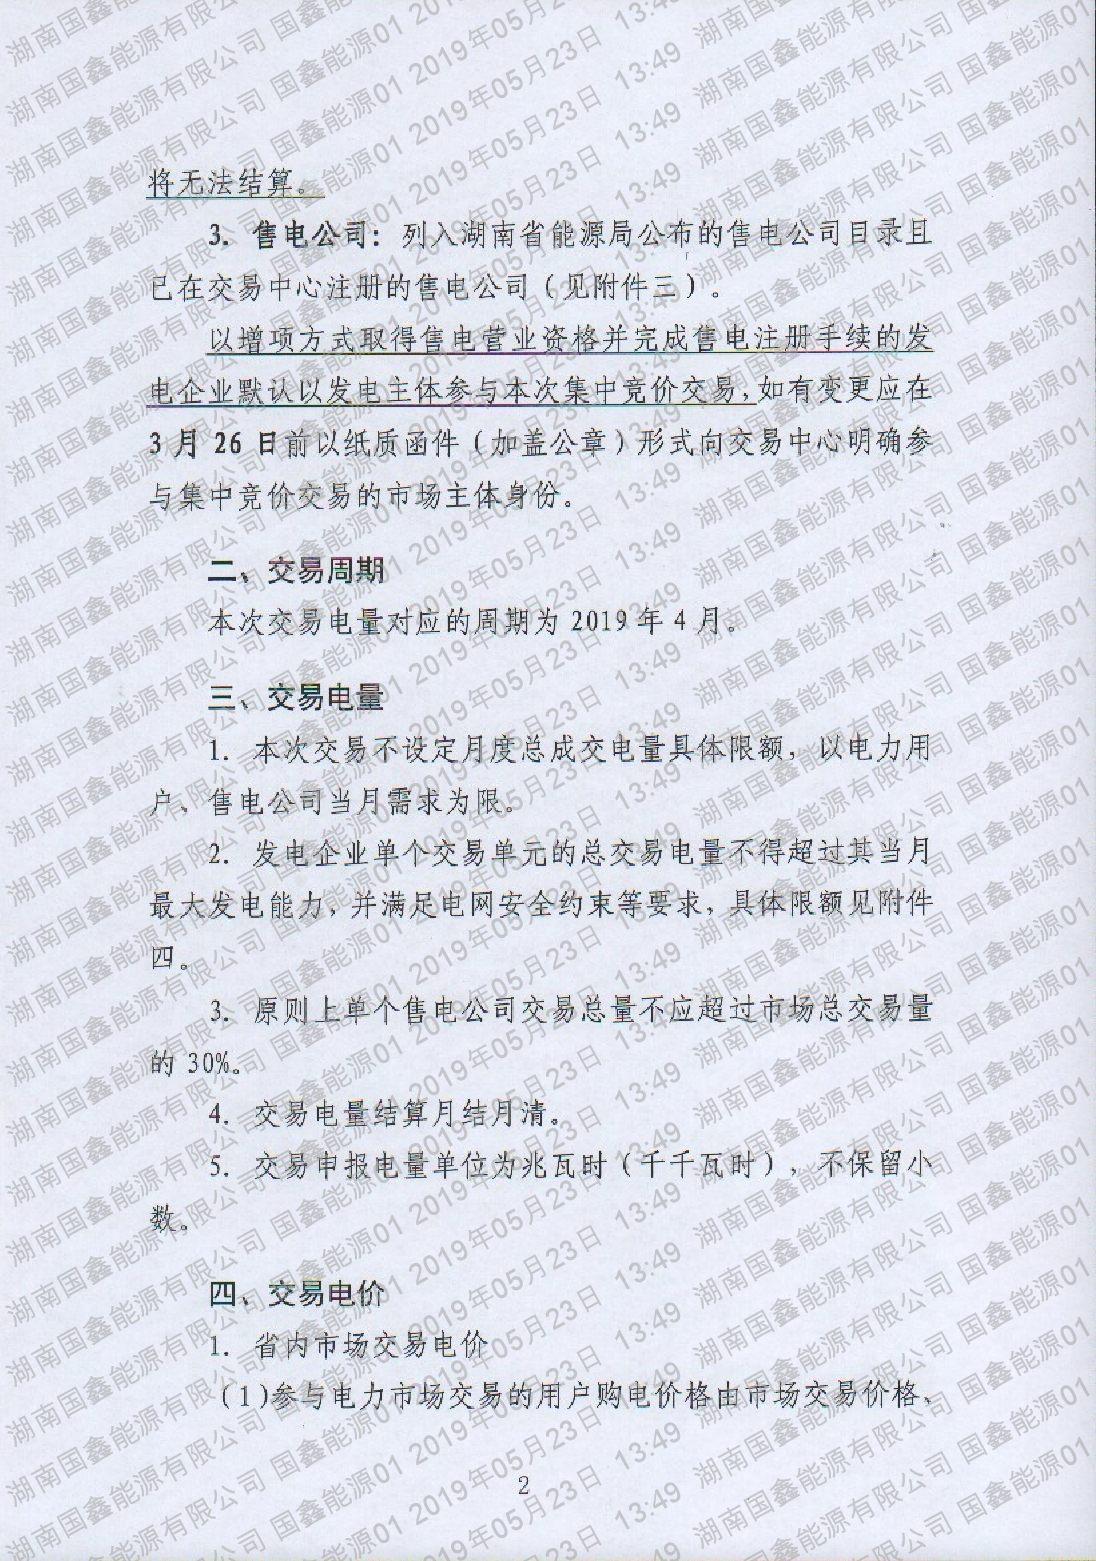 湖南電力交易中心有限公司關于2019年4月電力市場交易的公告.pdf_page_02_compressed.jpg